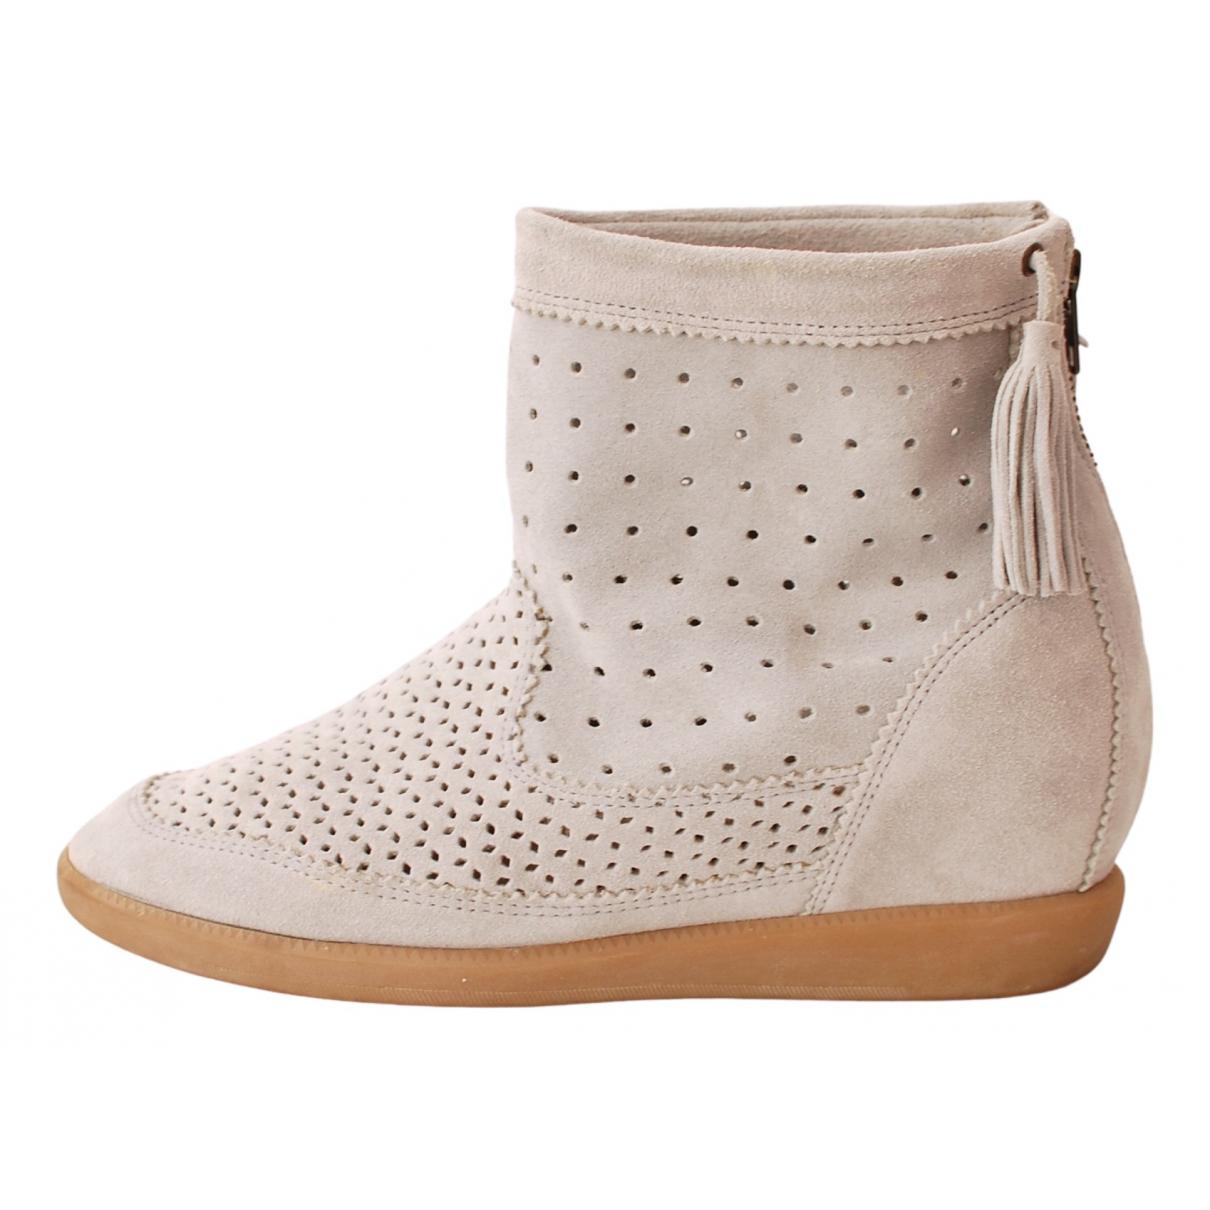 Isabel Marant - Boots Basley pour femme en suede - gris